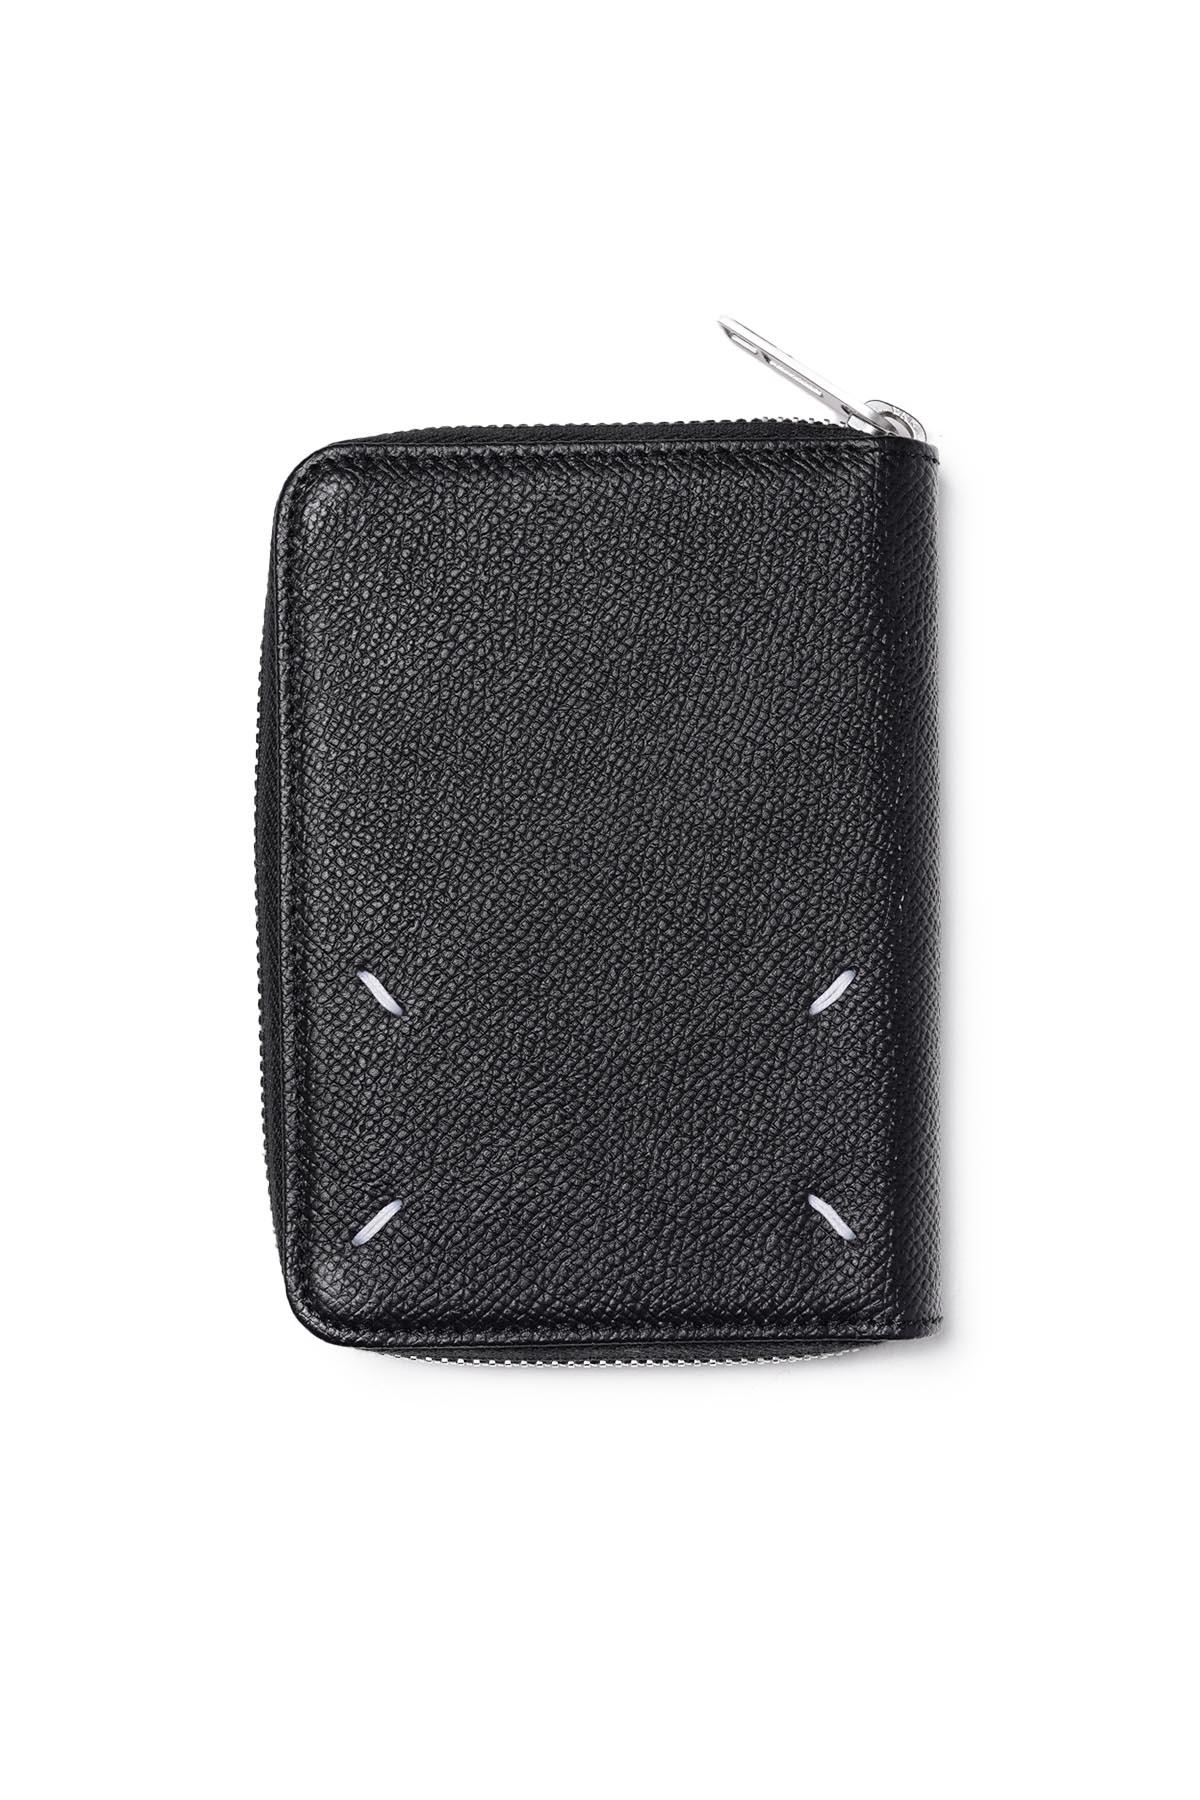 Round Zip Wallet Black[2021SS]